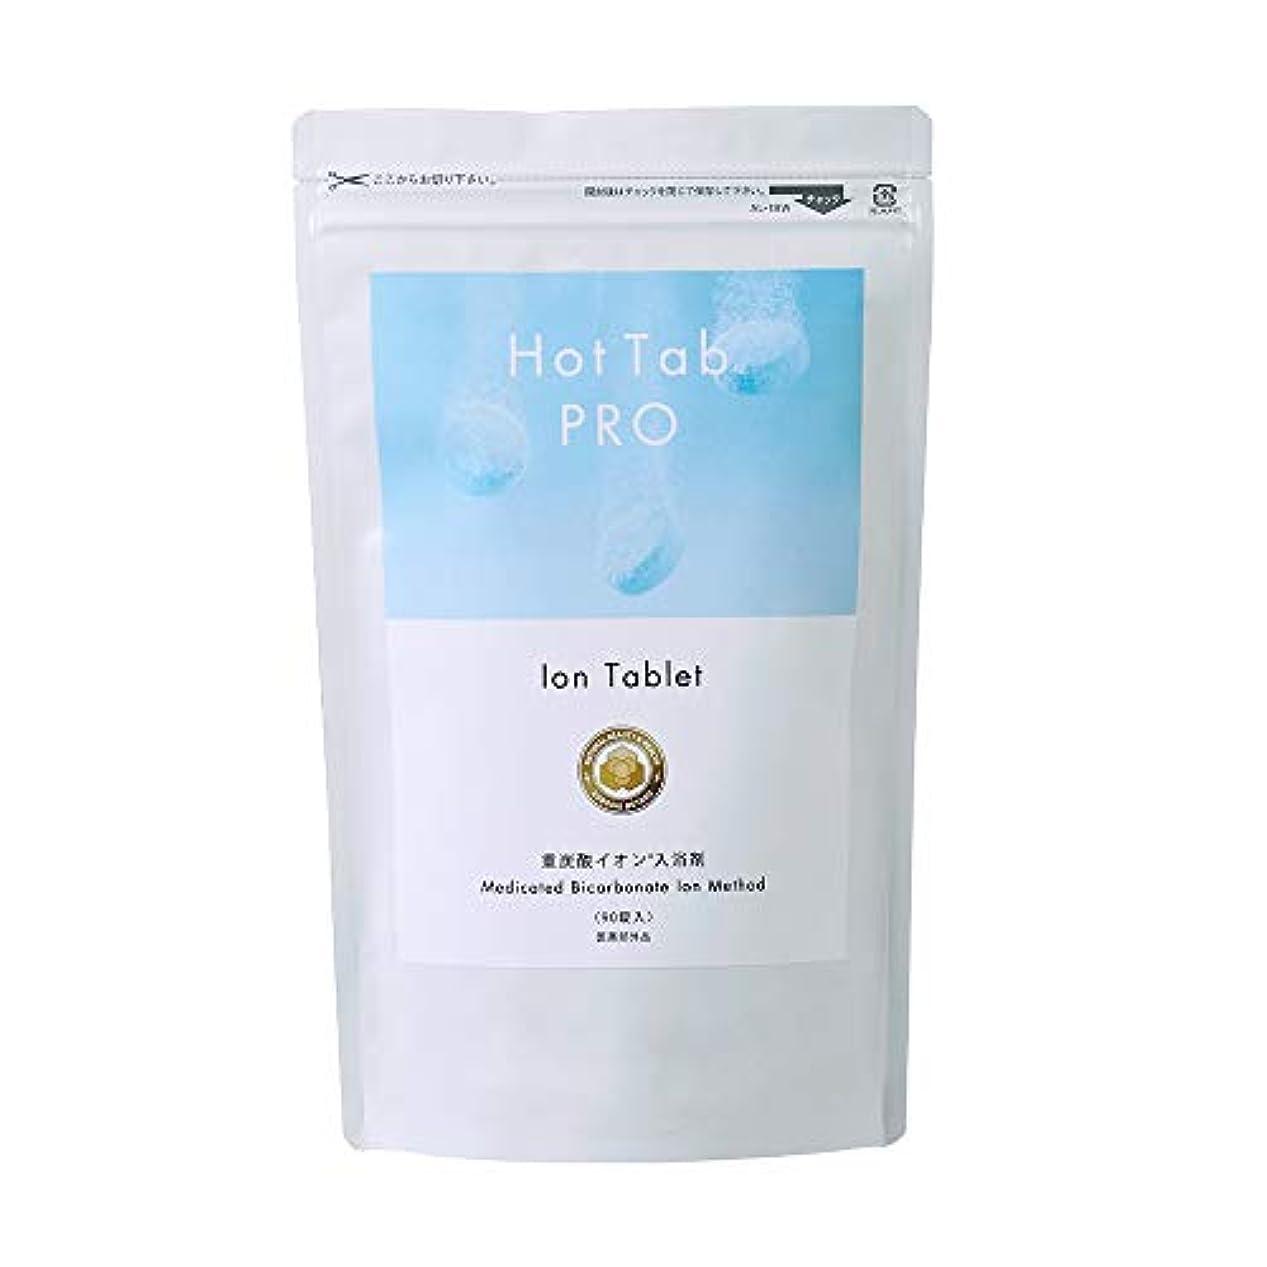 会計士整然とした意味のある最新型 日本製なめらか重炭酸入浴剤「ホットタブPro」(デリケートな肌でも安心 無香料 無着色 中性pH) (お得な90錠セット)